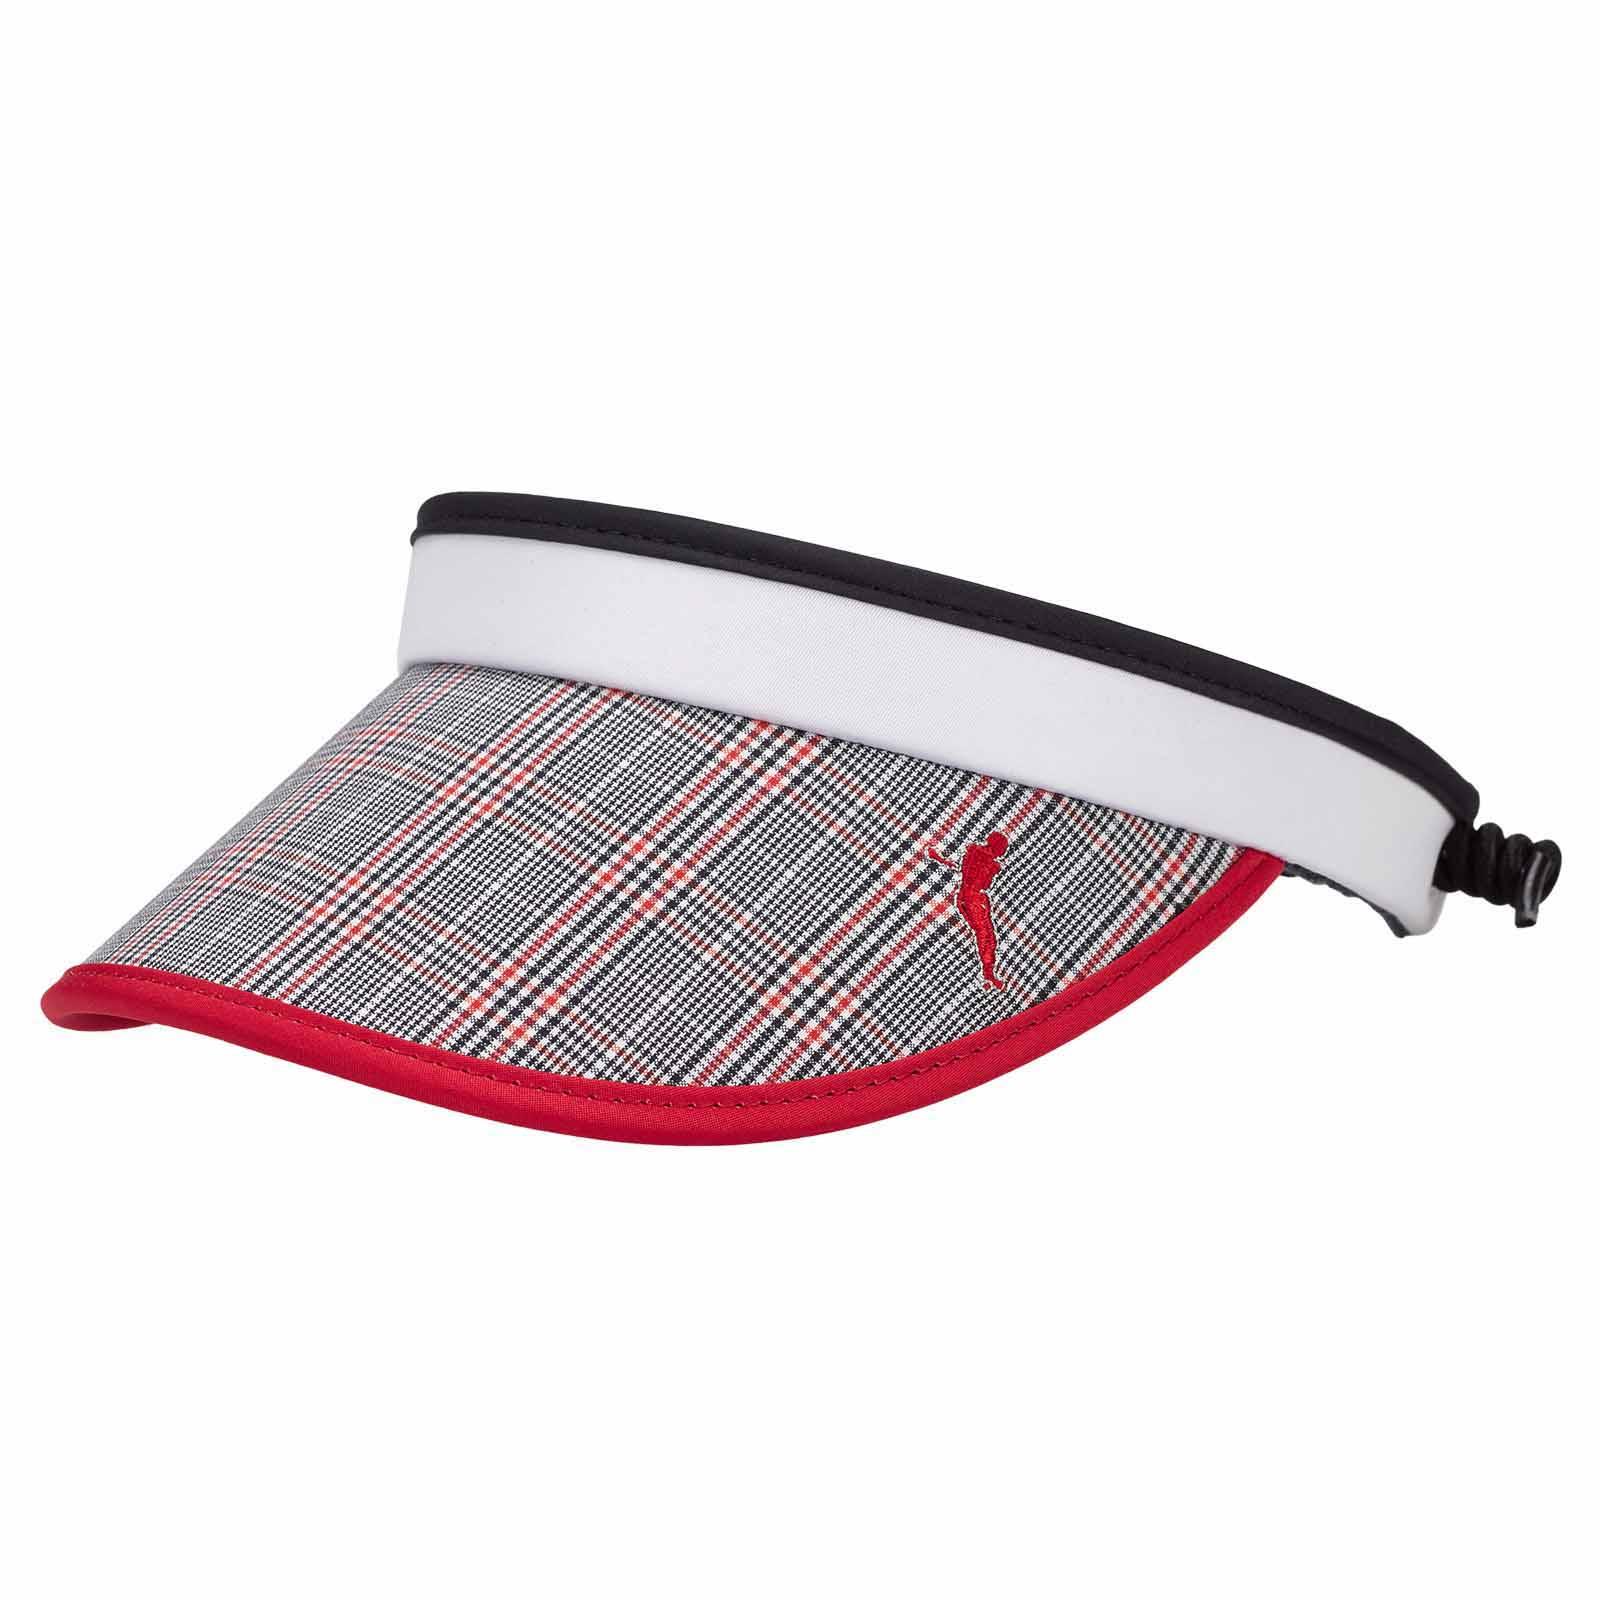 Damen Golf Cable Visor Sonnenschutz mit Karo Muster